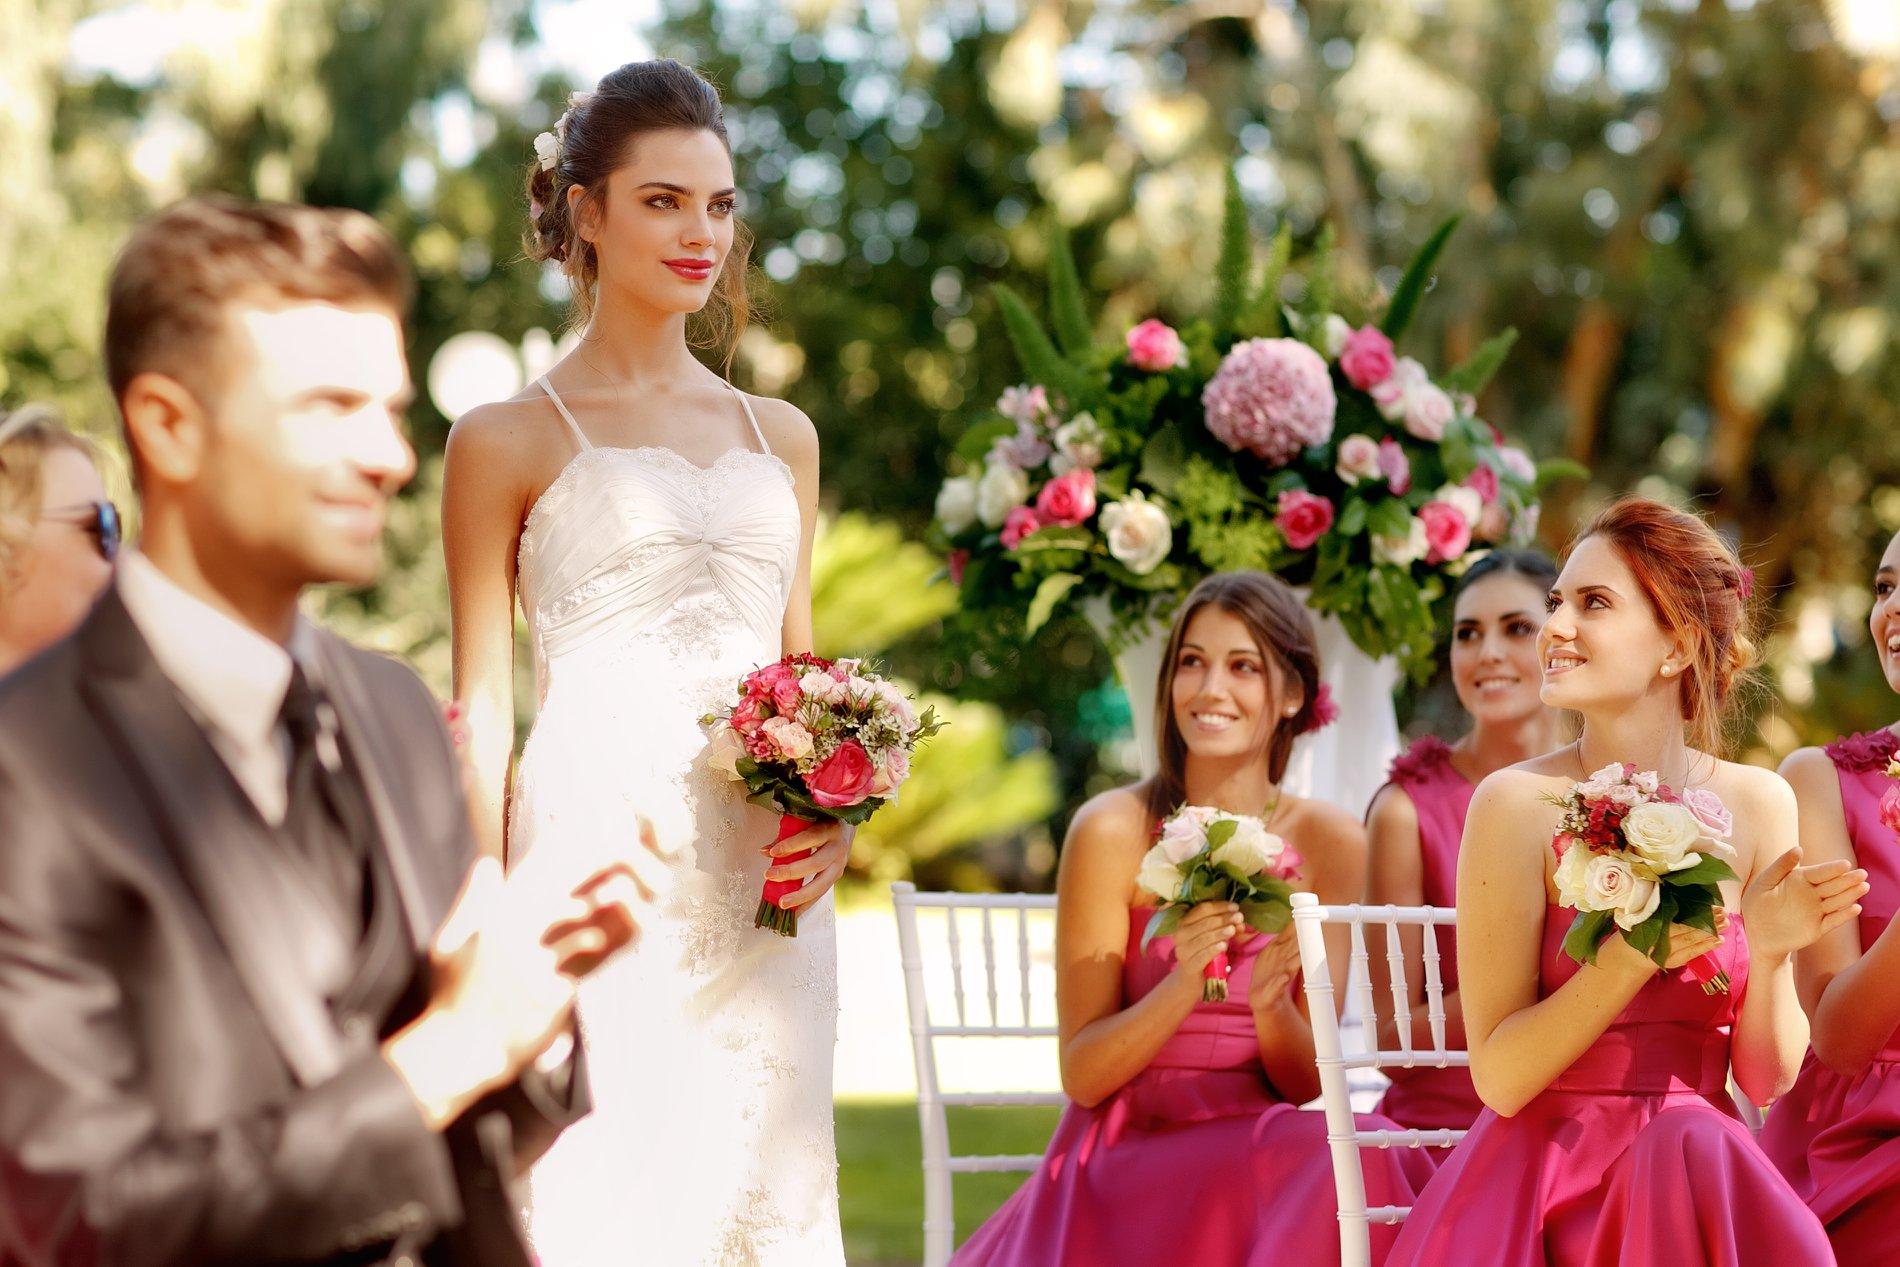 angelo garini il ricevimento per un matrimonio perfetto